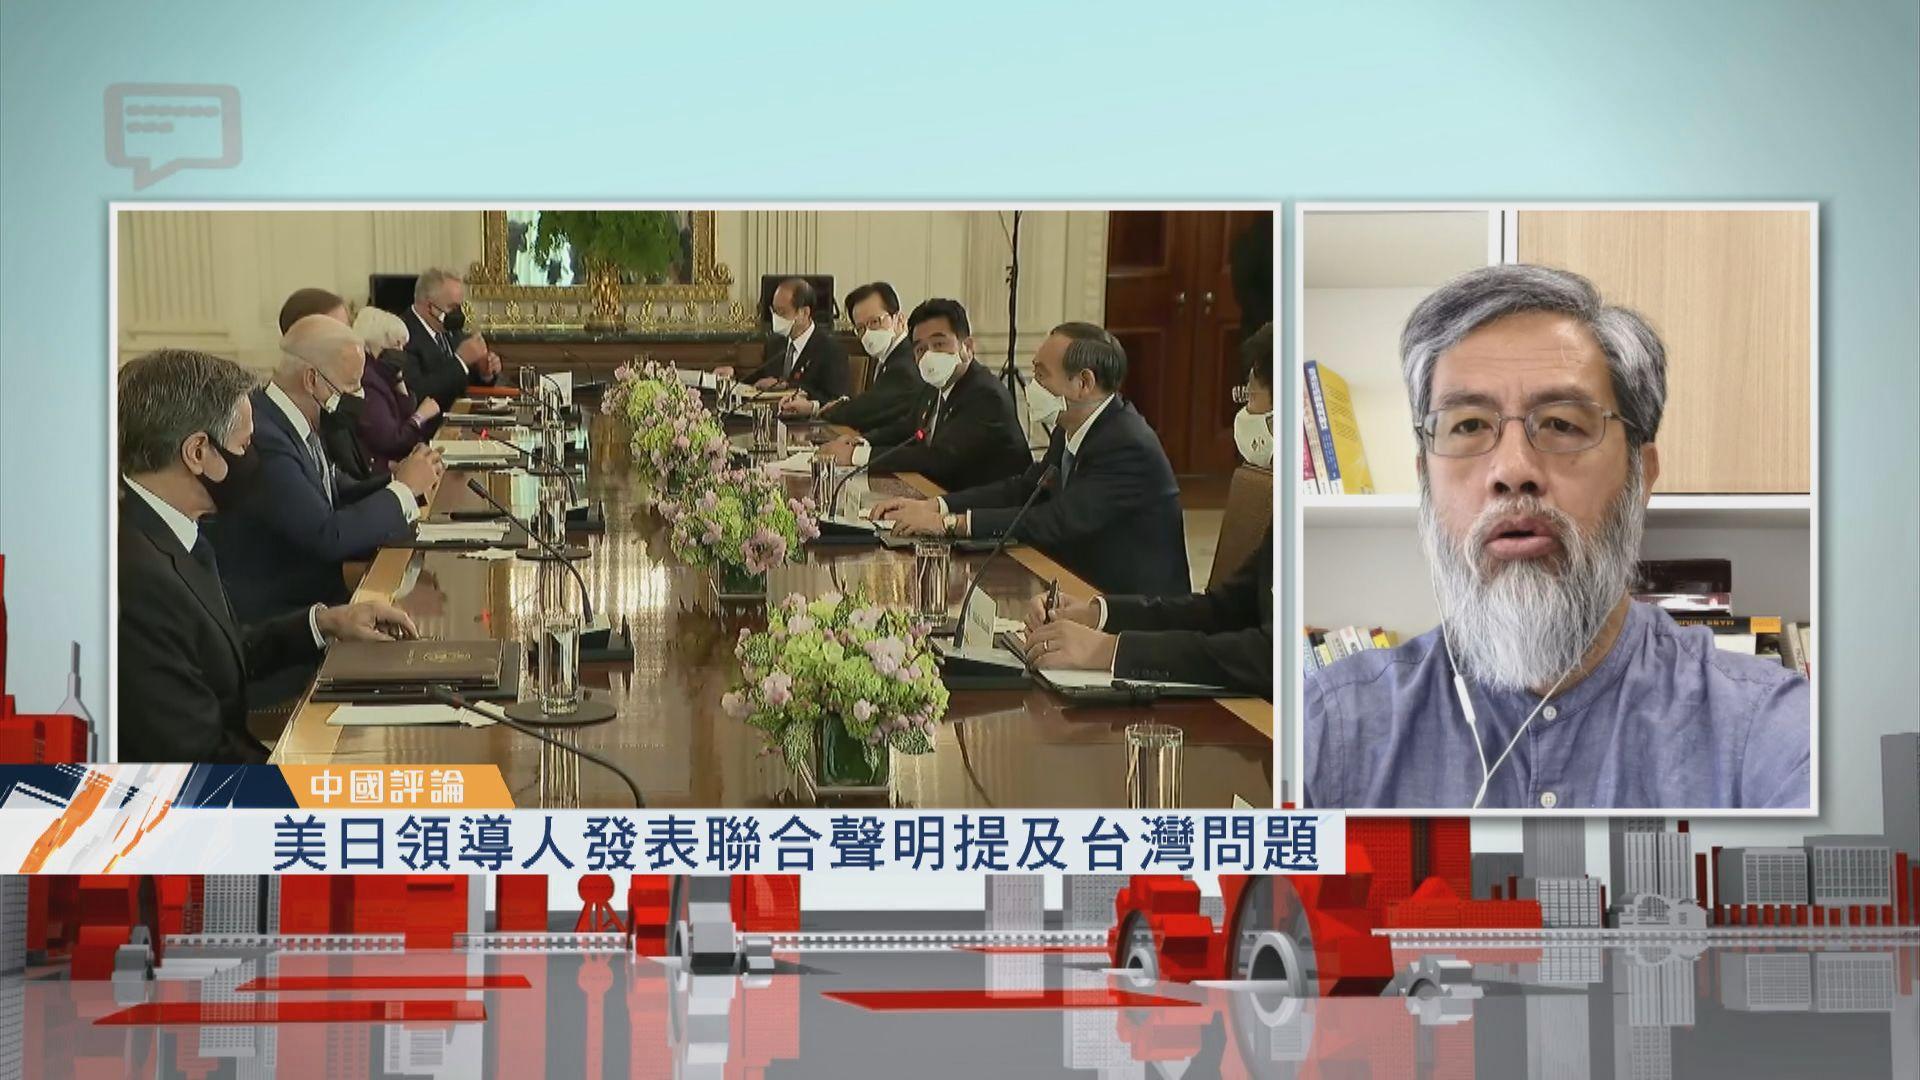 【中國評論】美日齊打「台灣牌」影響對華關係